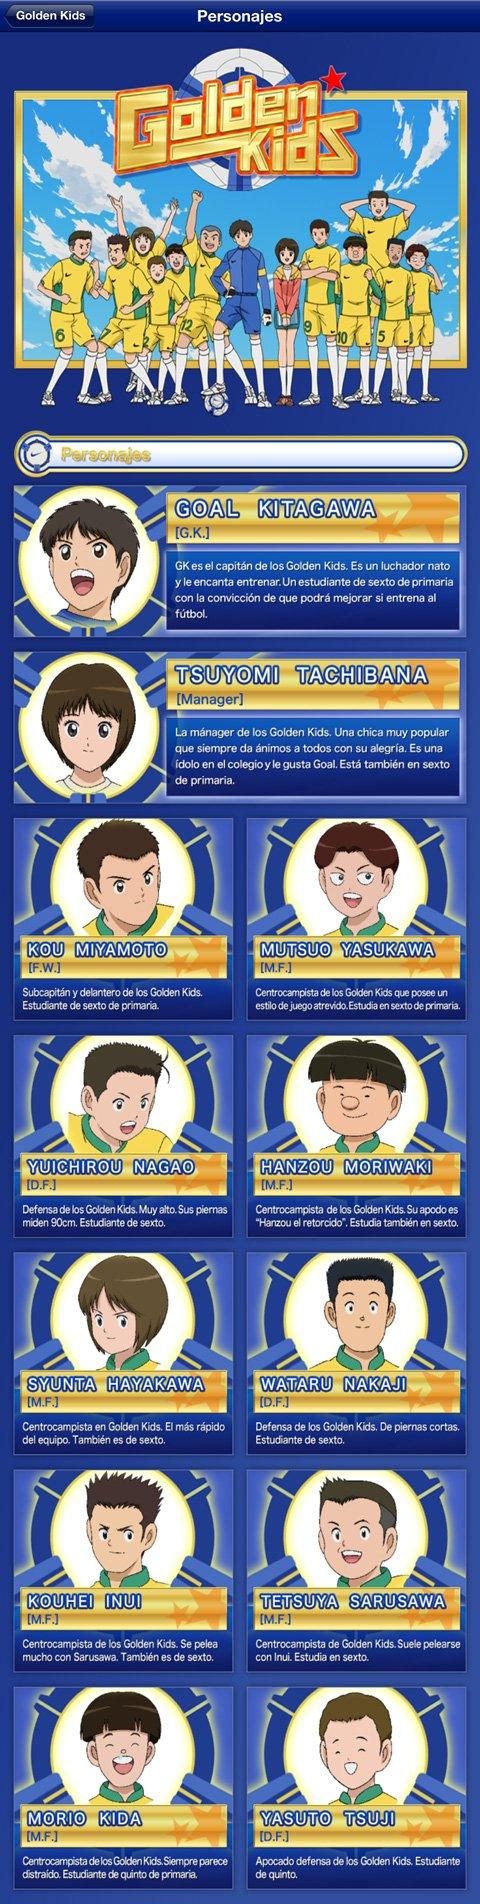 Golden Kids Yoichi Takahashi iPhone iPad personajes